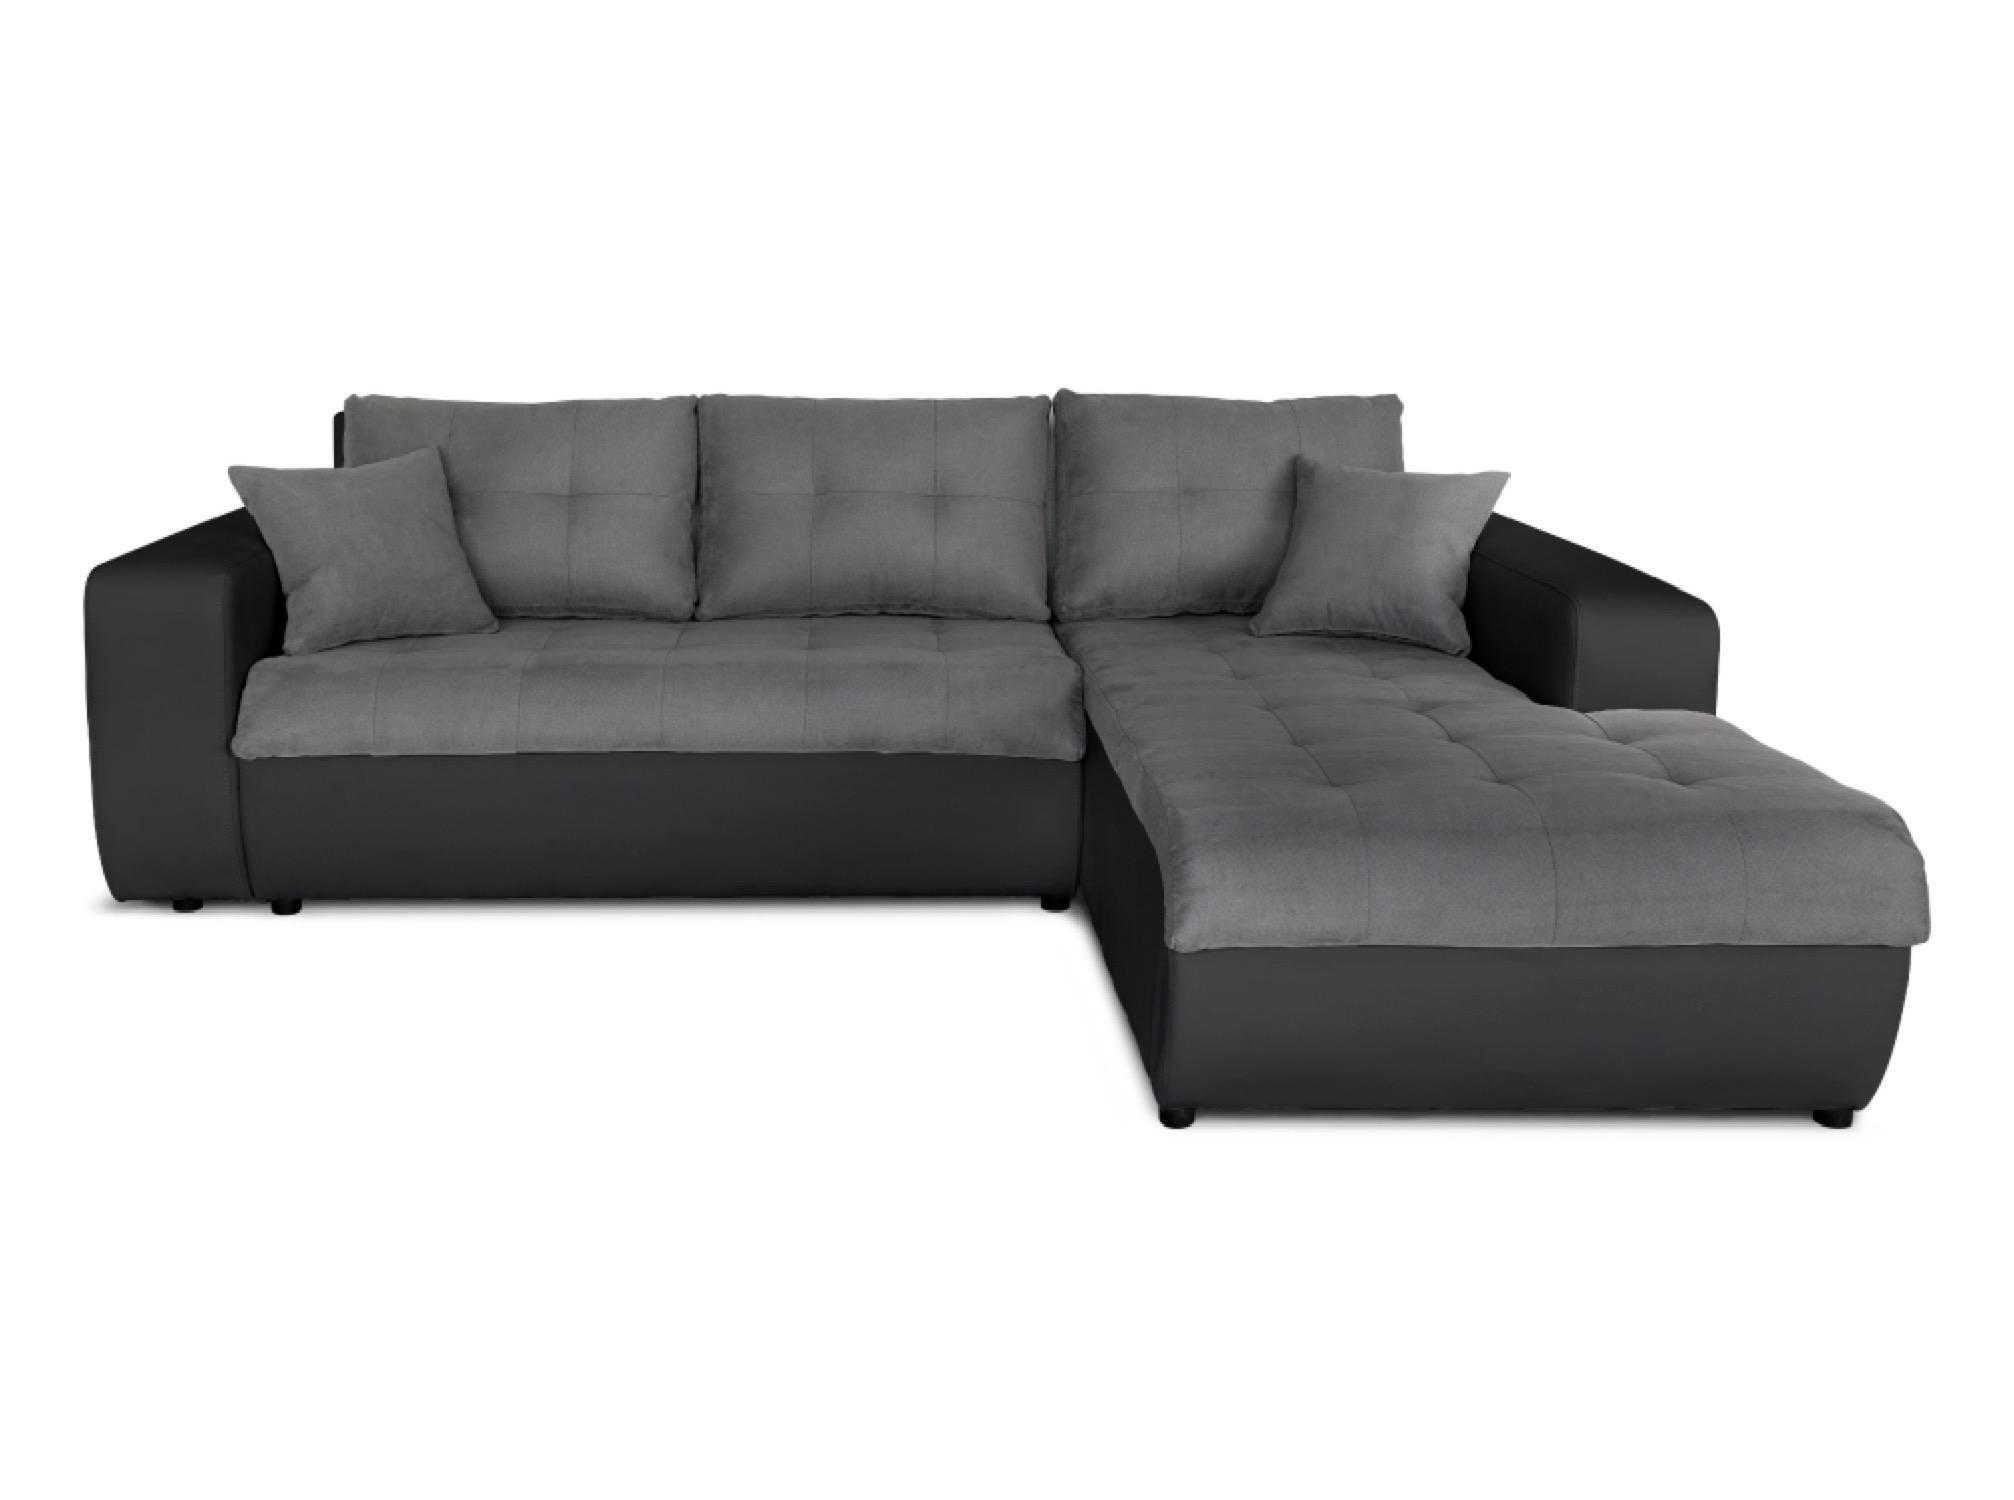 Canapé d'angle droit convertible bi-matière noir/gris